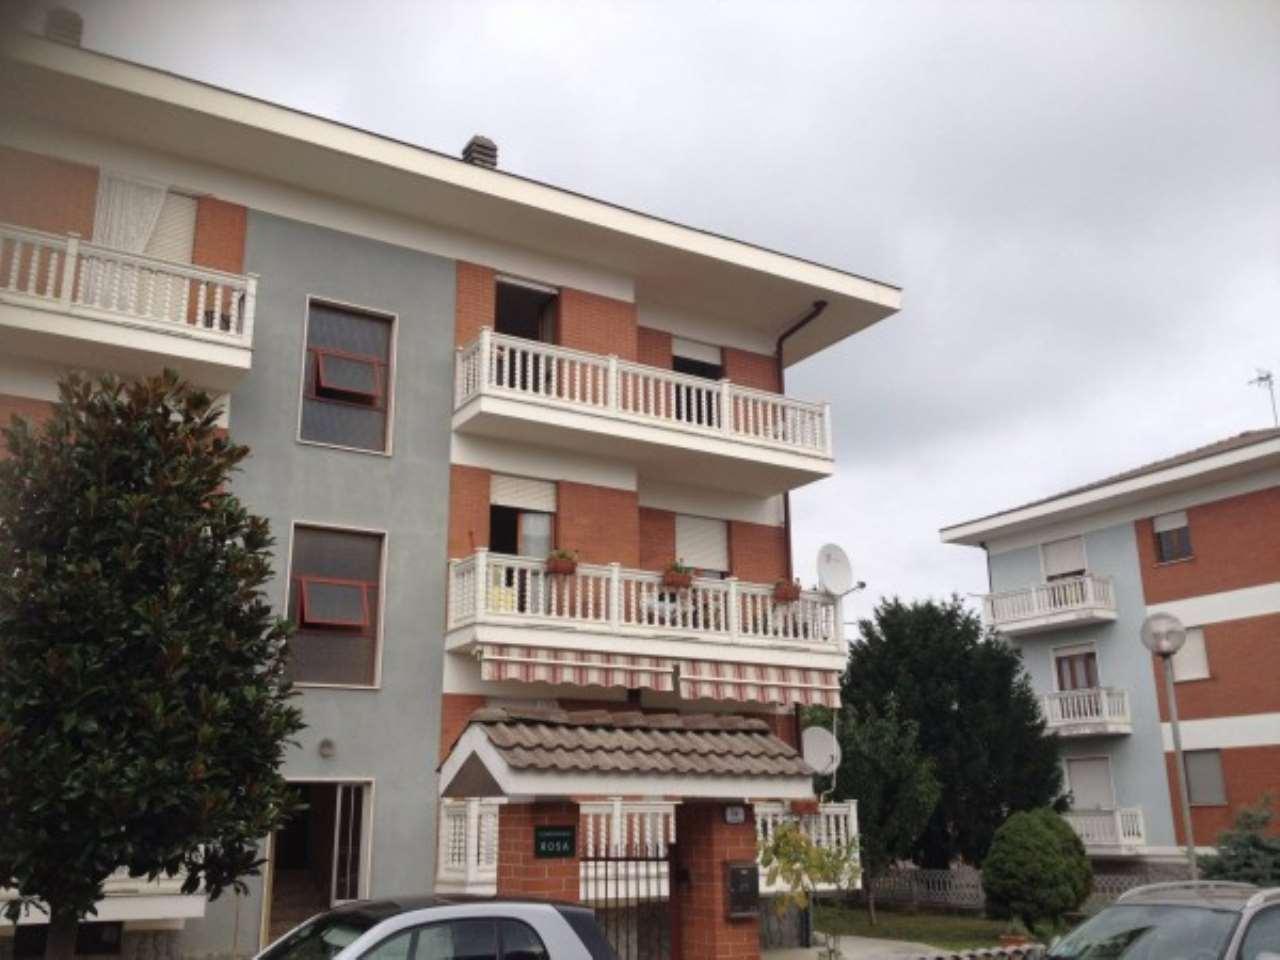 Appartamento in vendita a Marene, 3 locali, prezzo € 82.000 | Cambio Casa.it